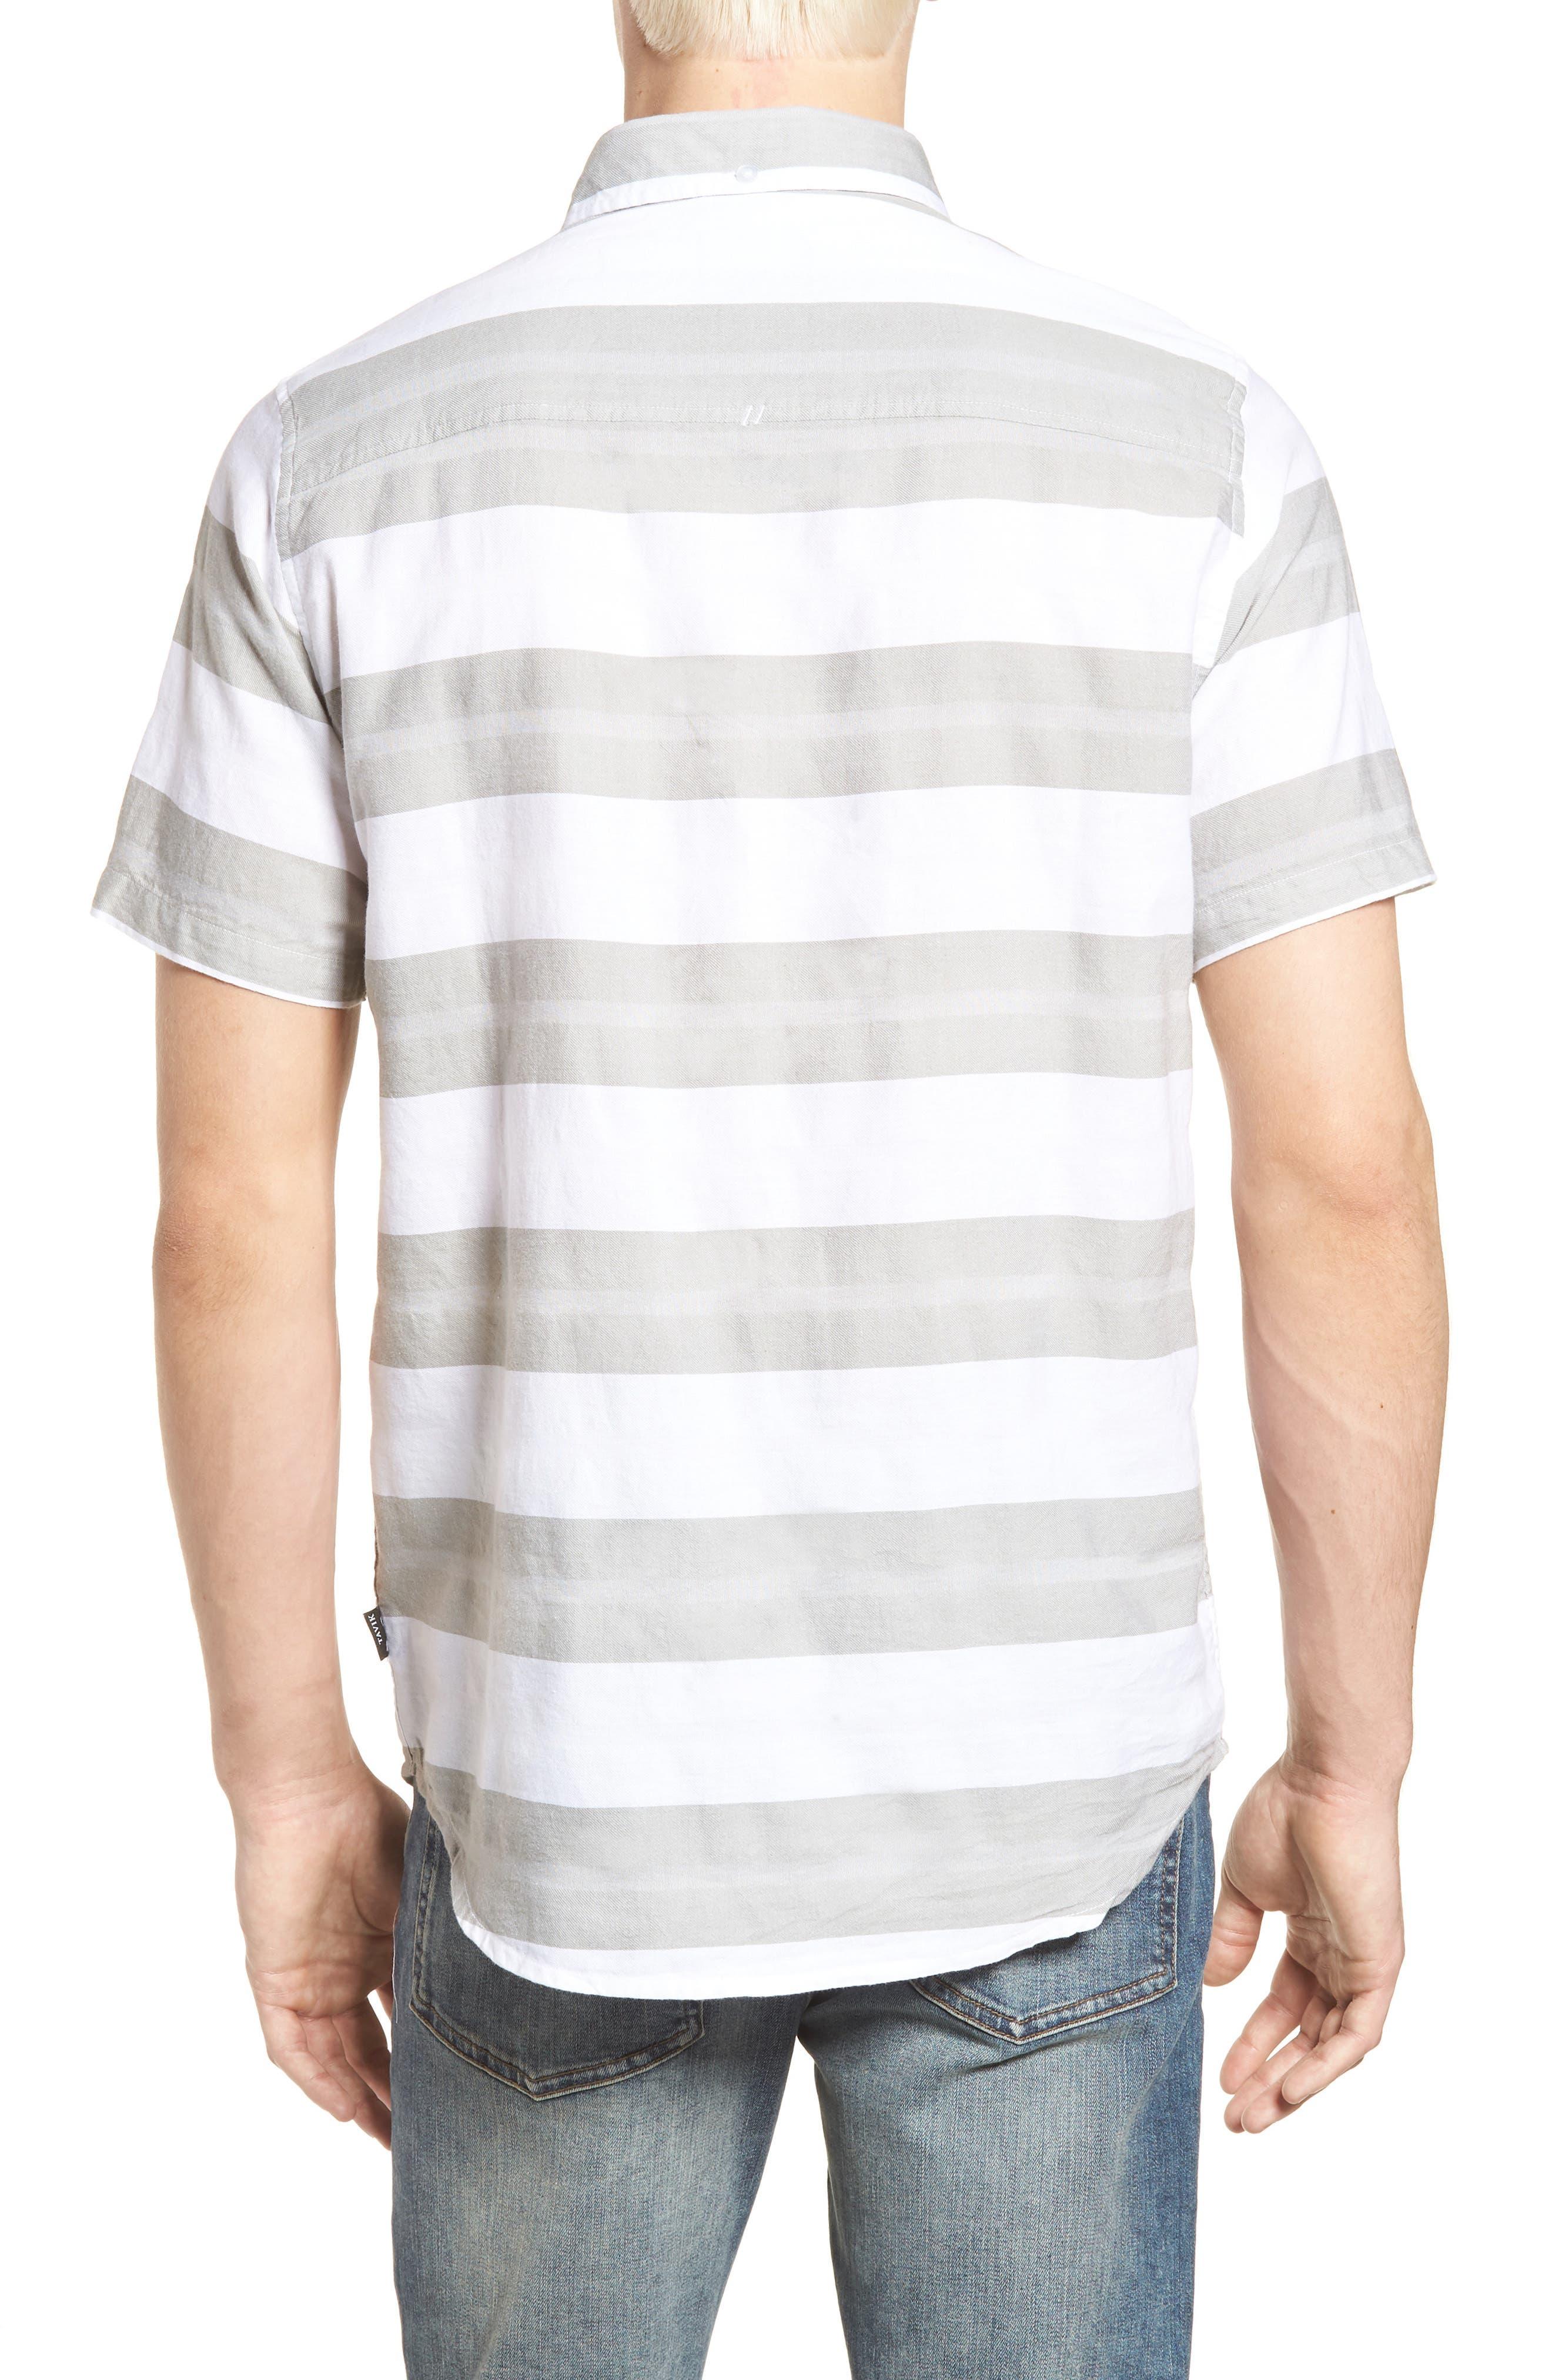 Dobson Woven Shirt,                             Alternate thumbnail 2, color,                             WHITE/SMOKE STRIPE